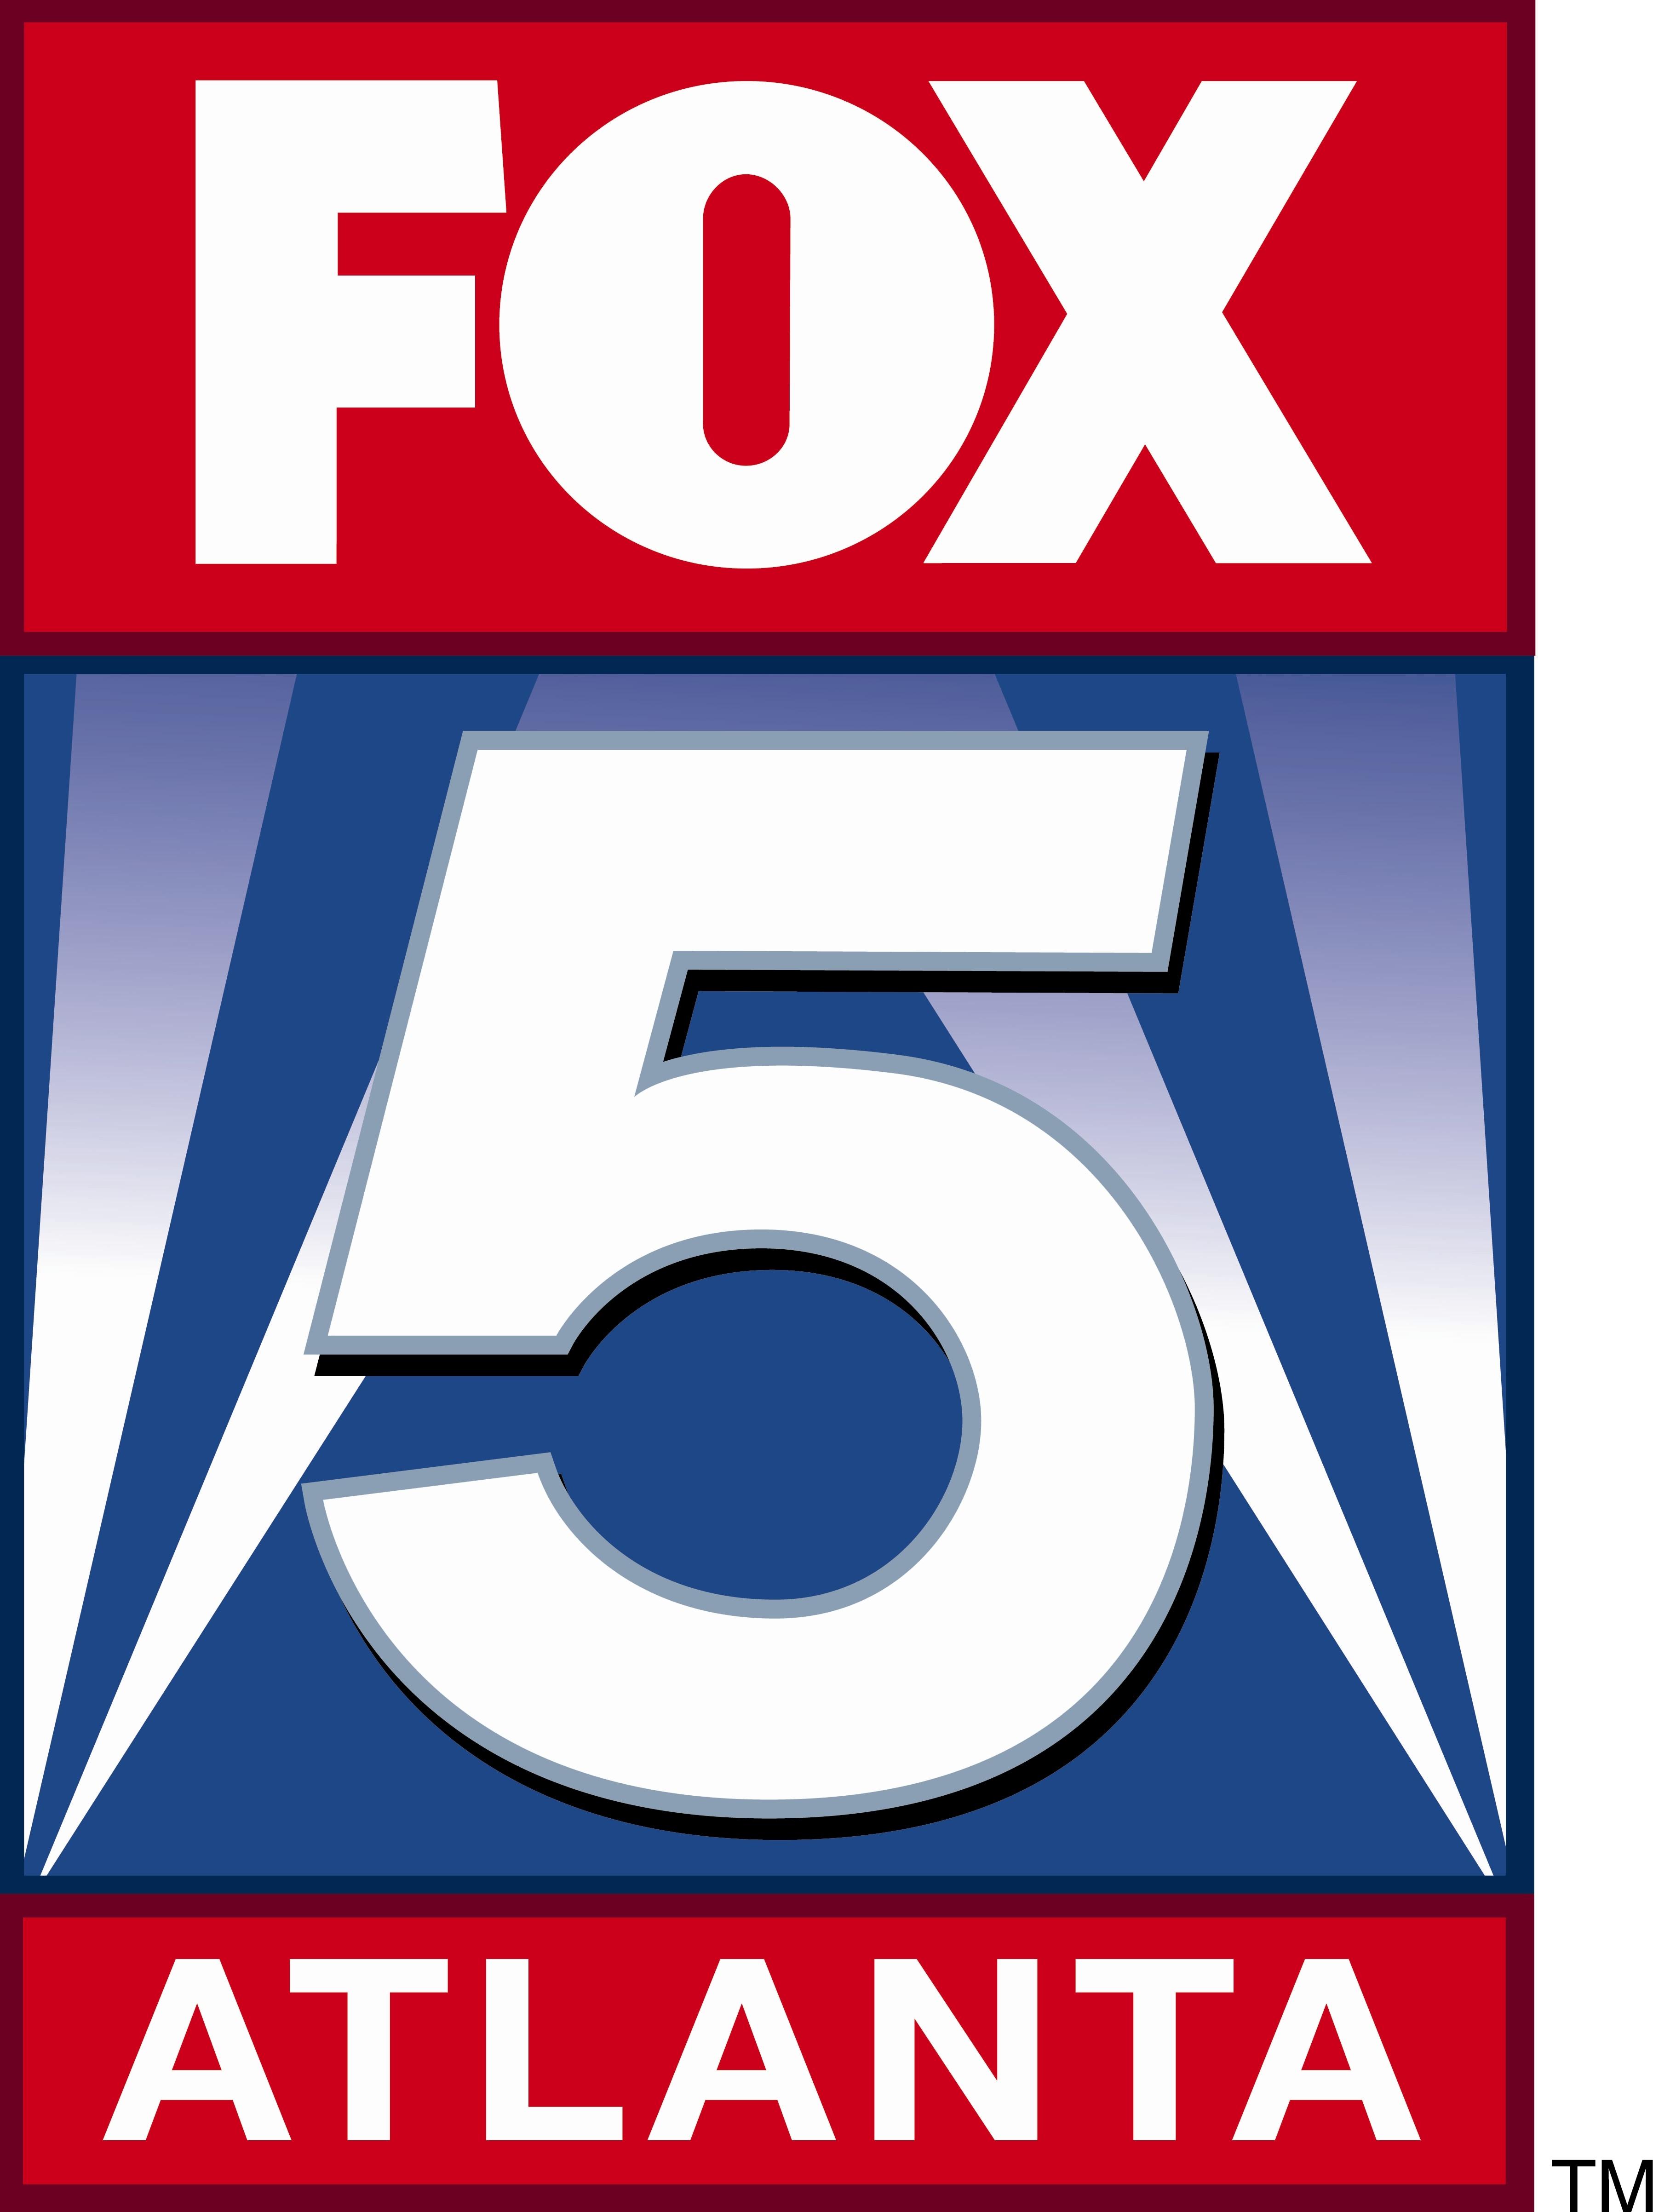 Fox_5_Atlanta